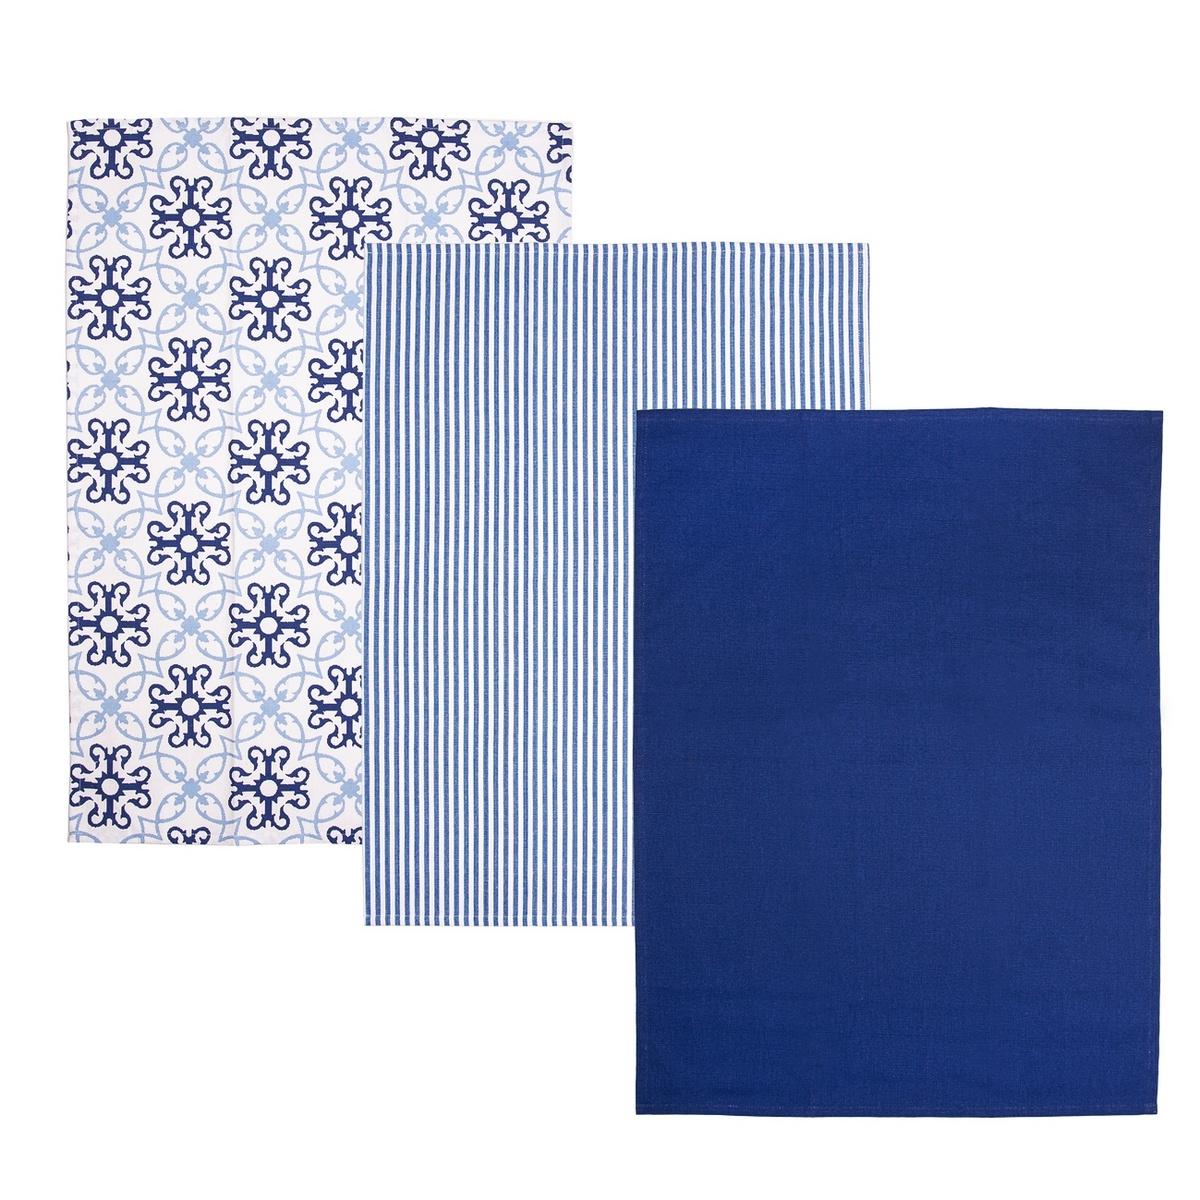 Poza Servet de bucatarie Blue Shapes, 50 x 70 cm,set 3 buc.